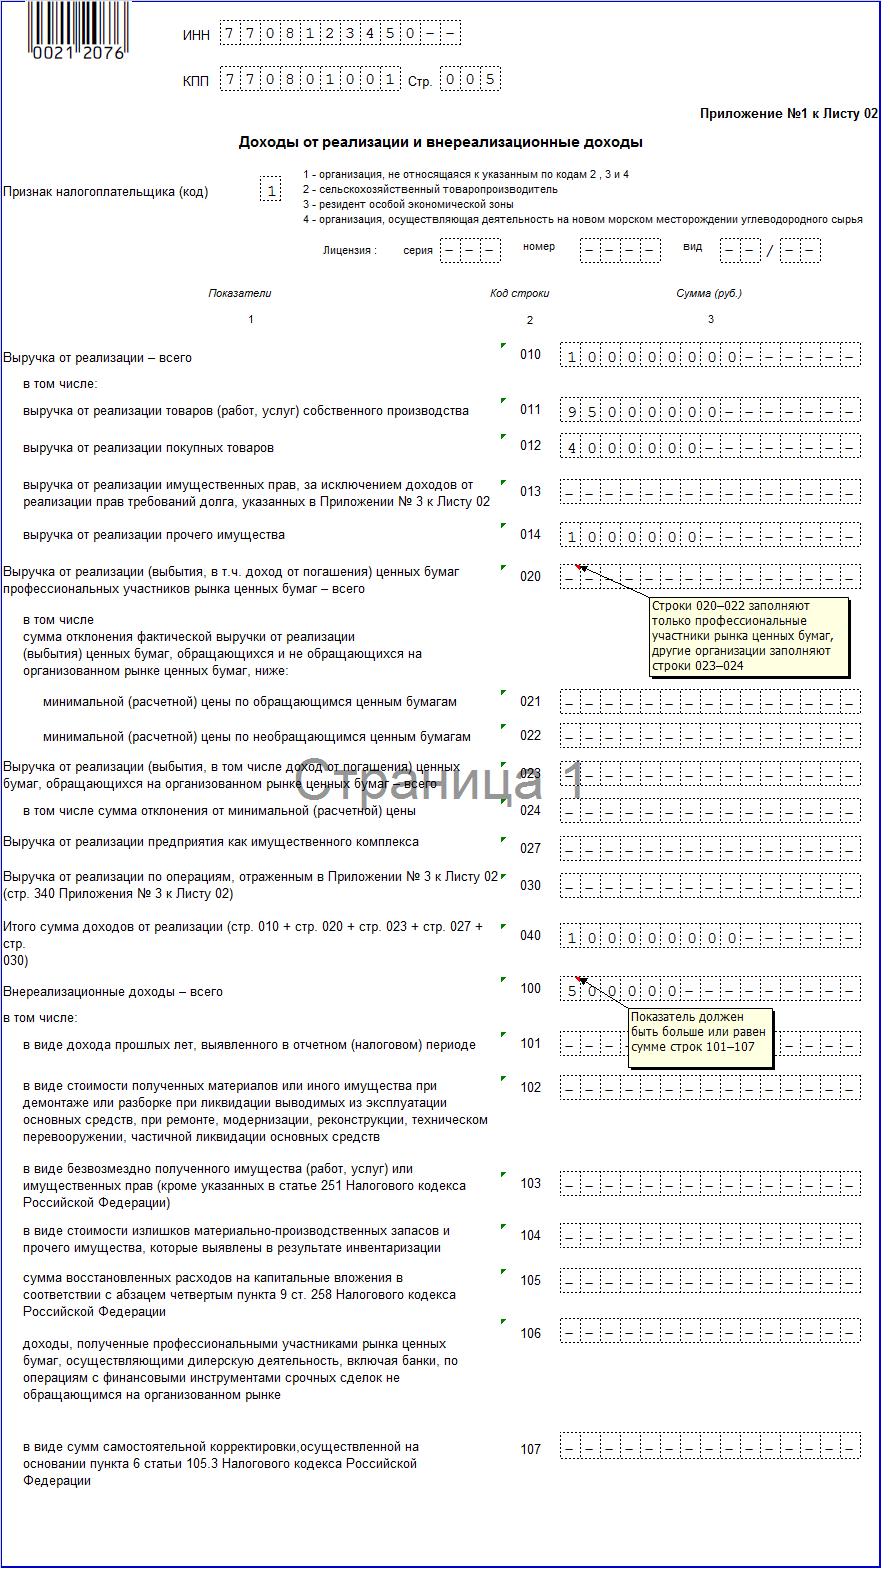 Налоговая декларация по налогу на прибыль: бланк, порядок заполнения, образец